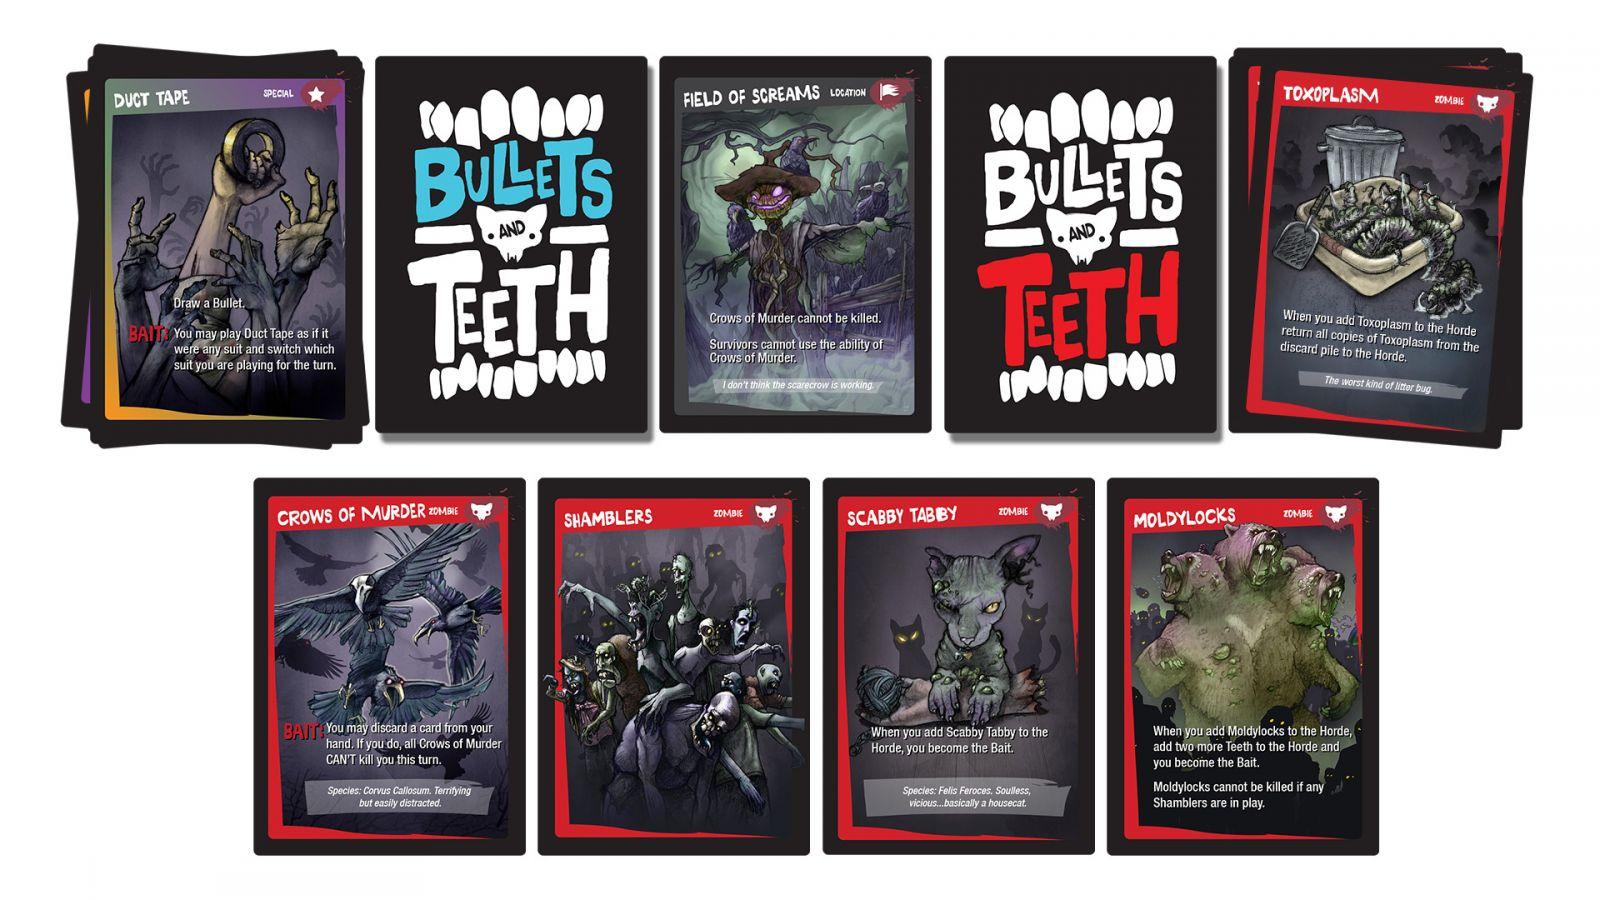 Bullets & Teeth cards